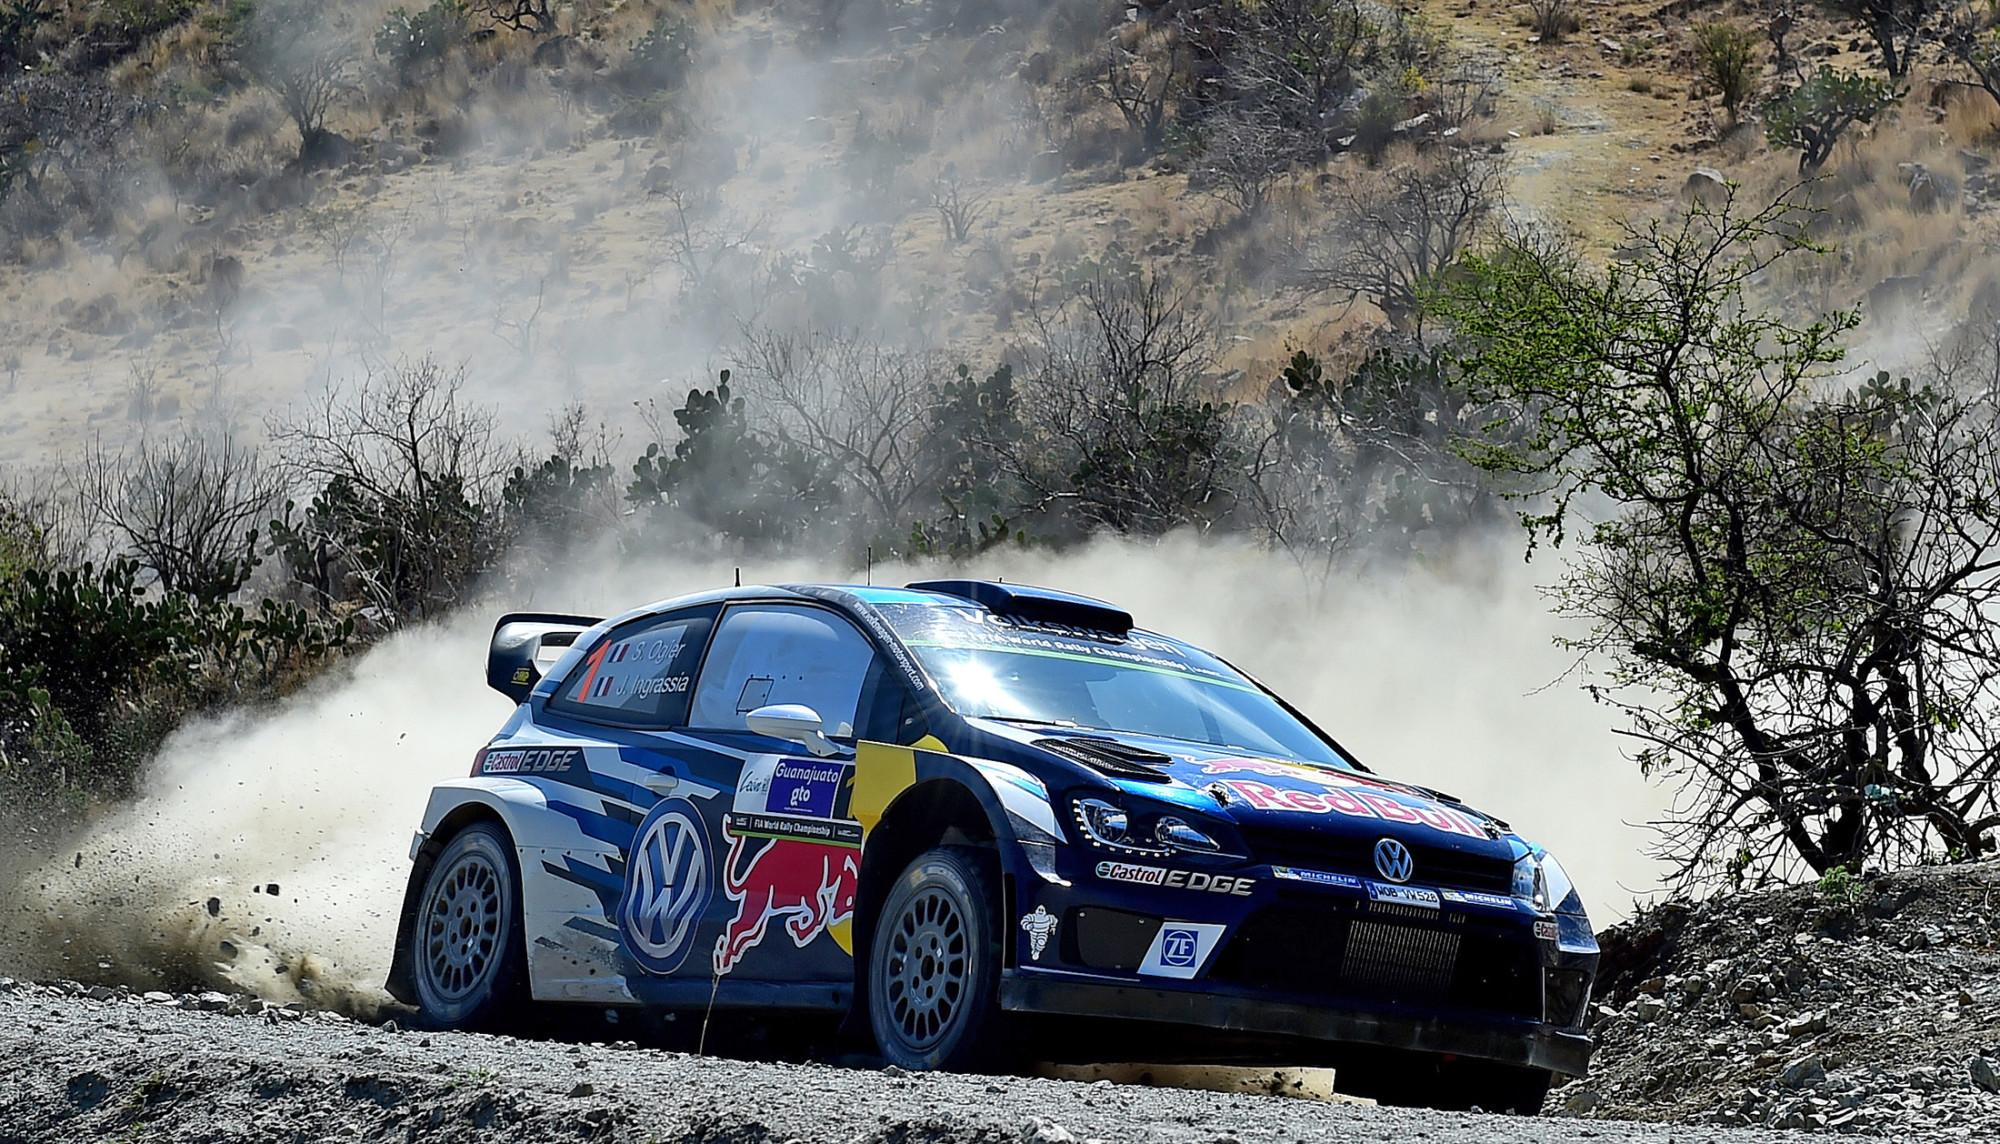 A Polo R WRC